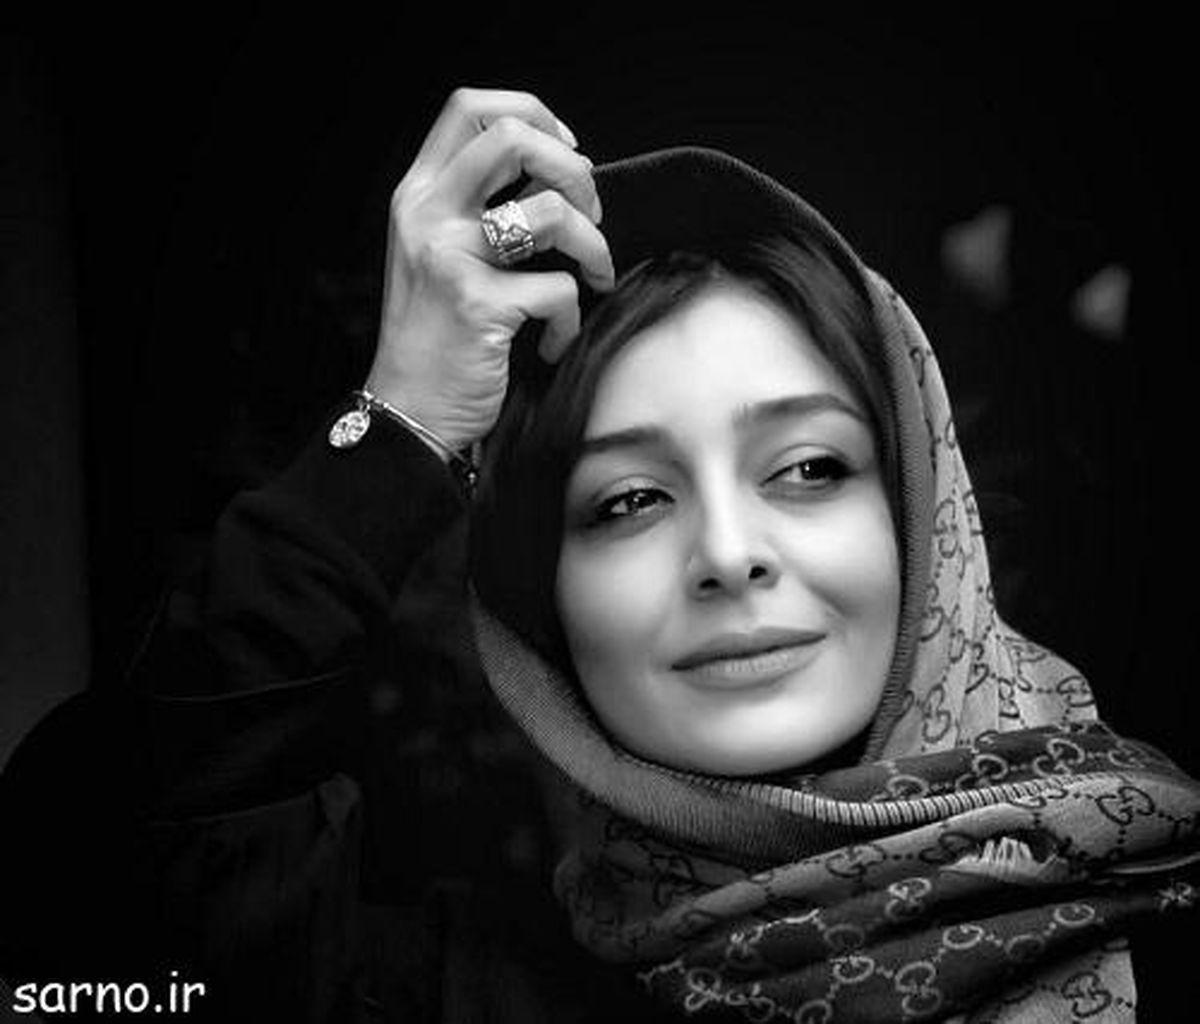 عکس فوق العاده ساره بیات و تصاویر خاص دیده نشده+ماجرای ازدواج